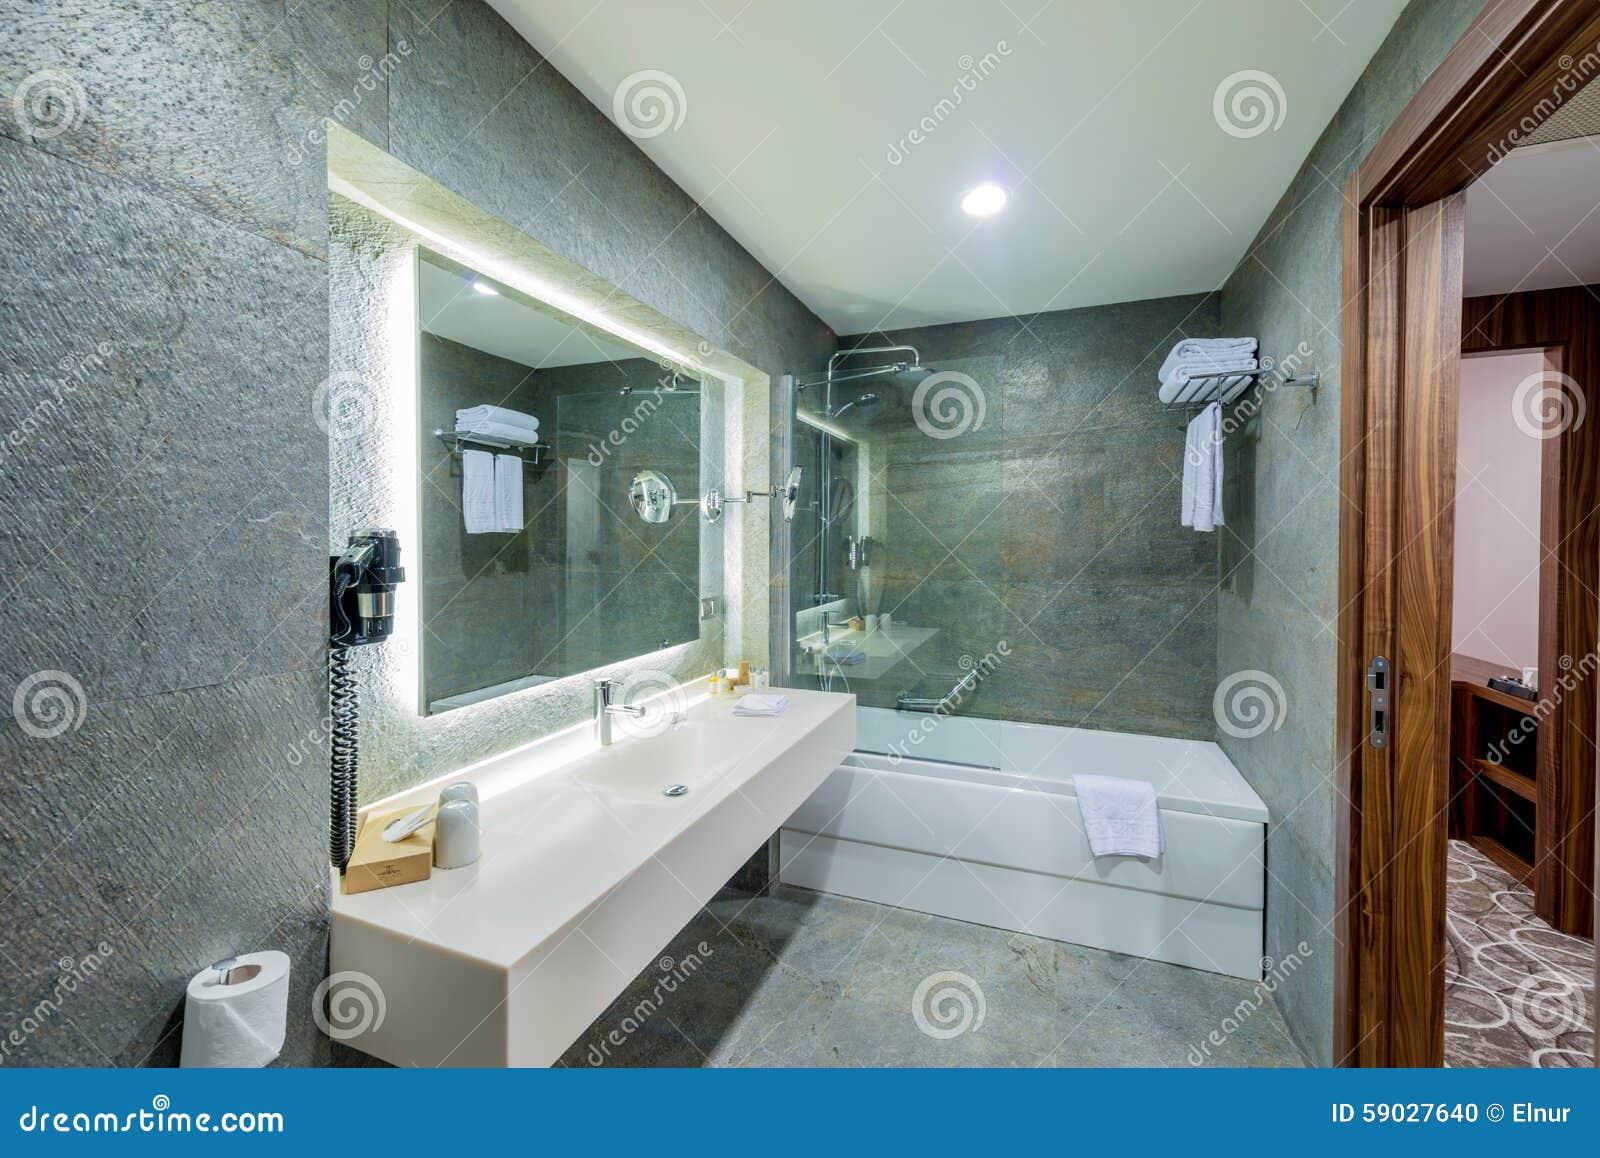 Lavandino Elegante Moderno In Bagno Fotografia Stock - Immagine di ...